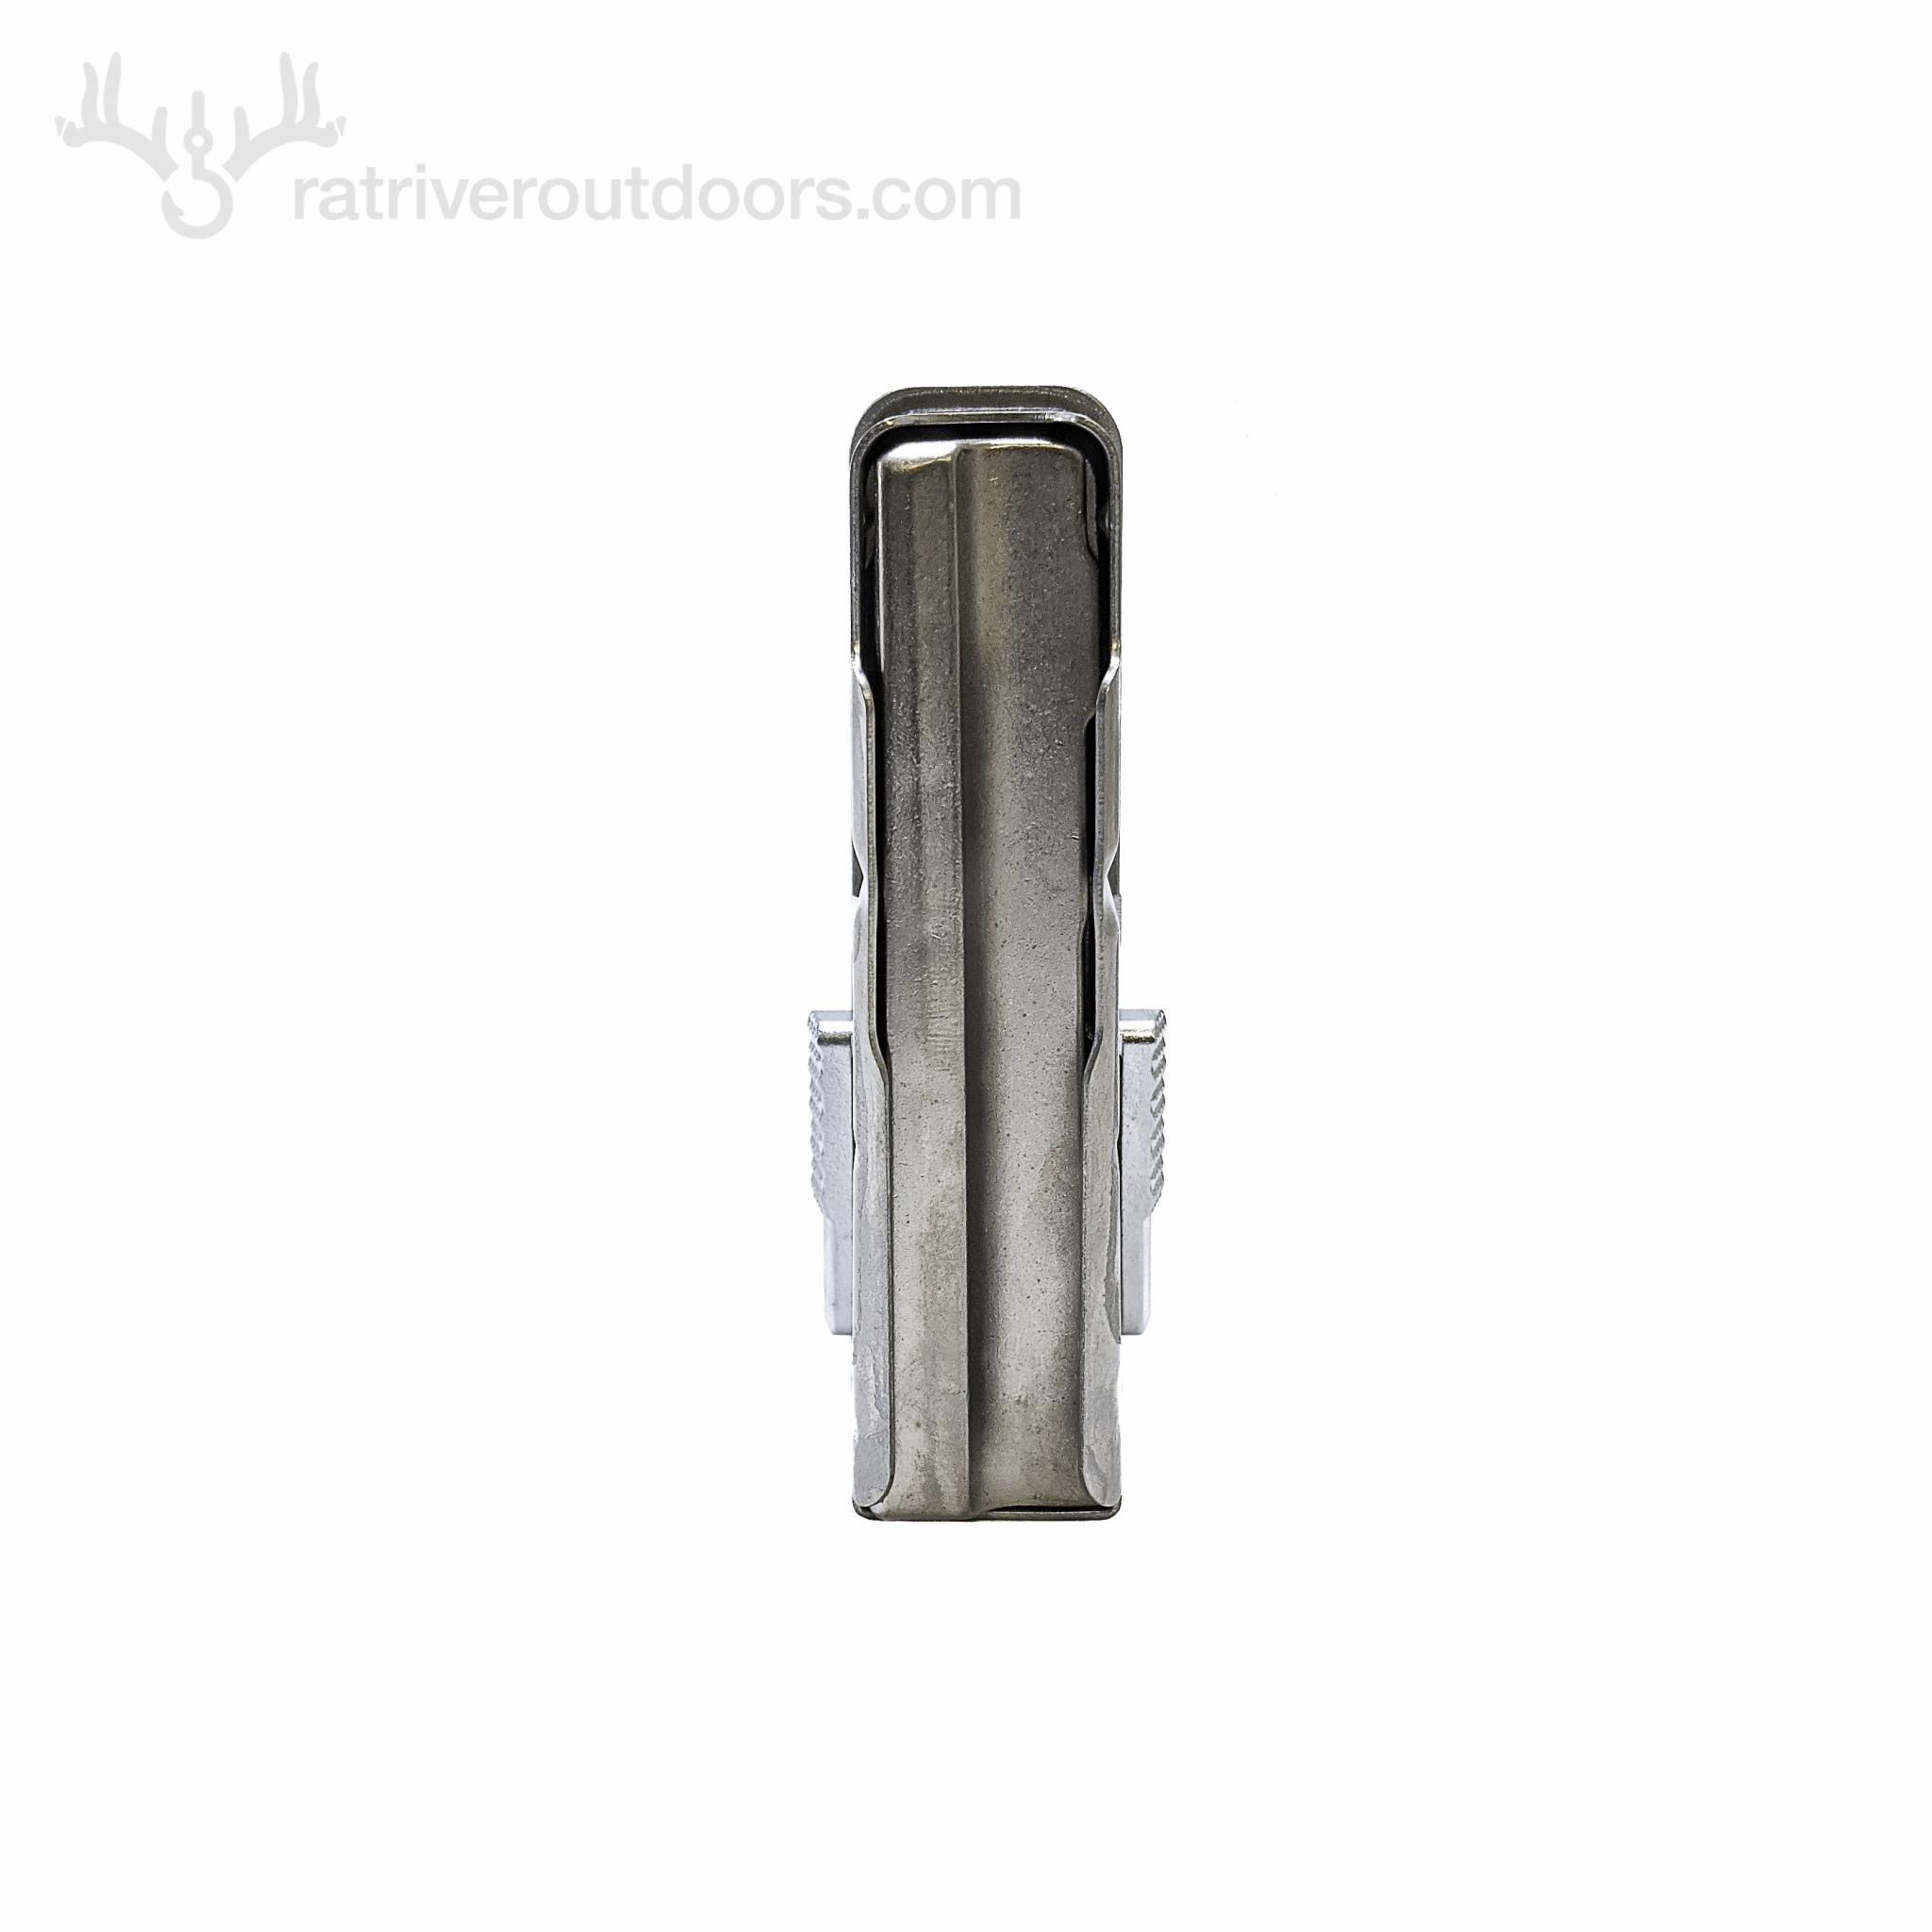 Remington 700, DM, L/A STD. SS F 106337 Magazine